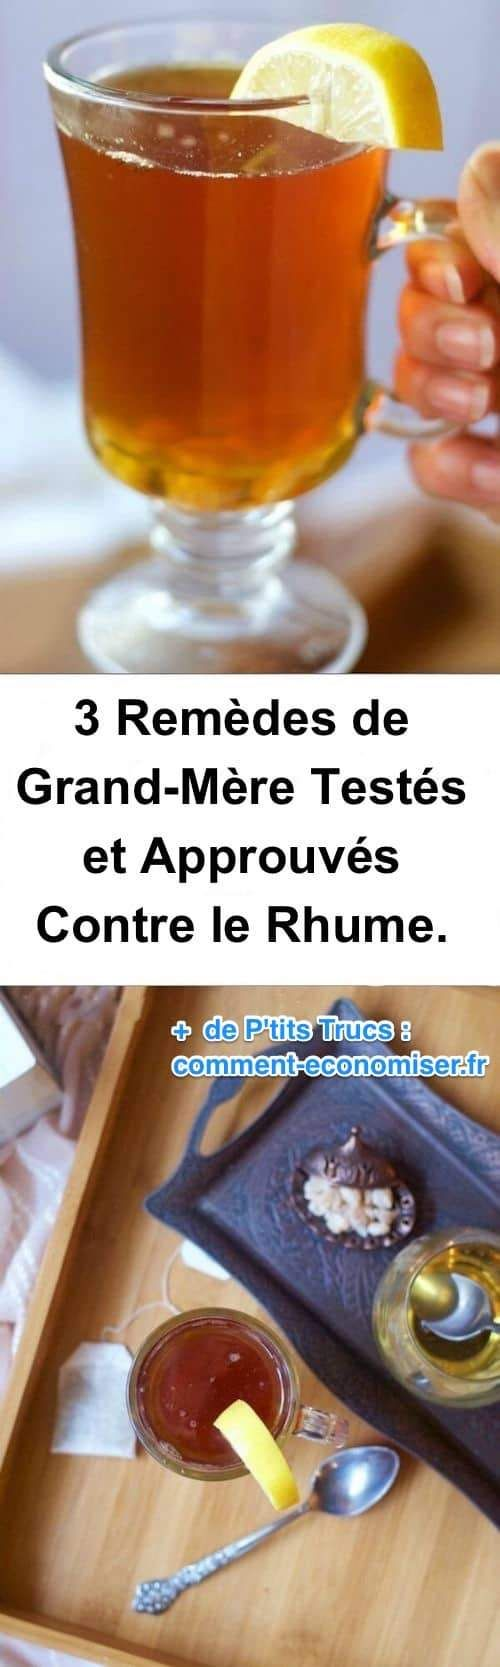 3 Remèdes de Grand-Mère Testés et Approuvés Contre le Rhume.